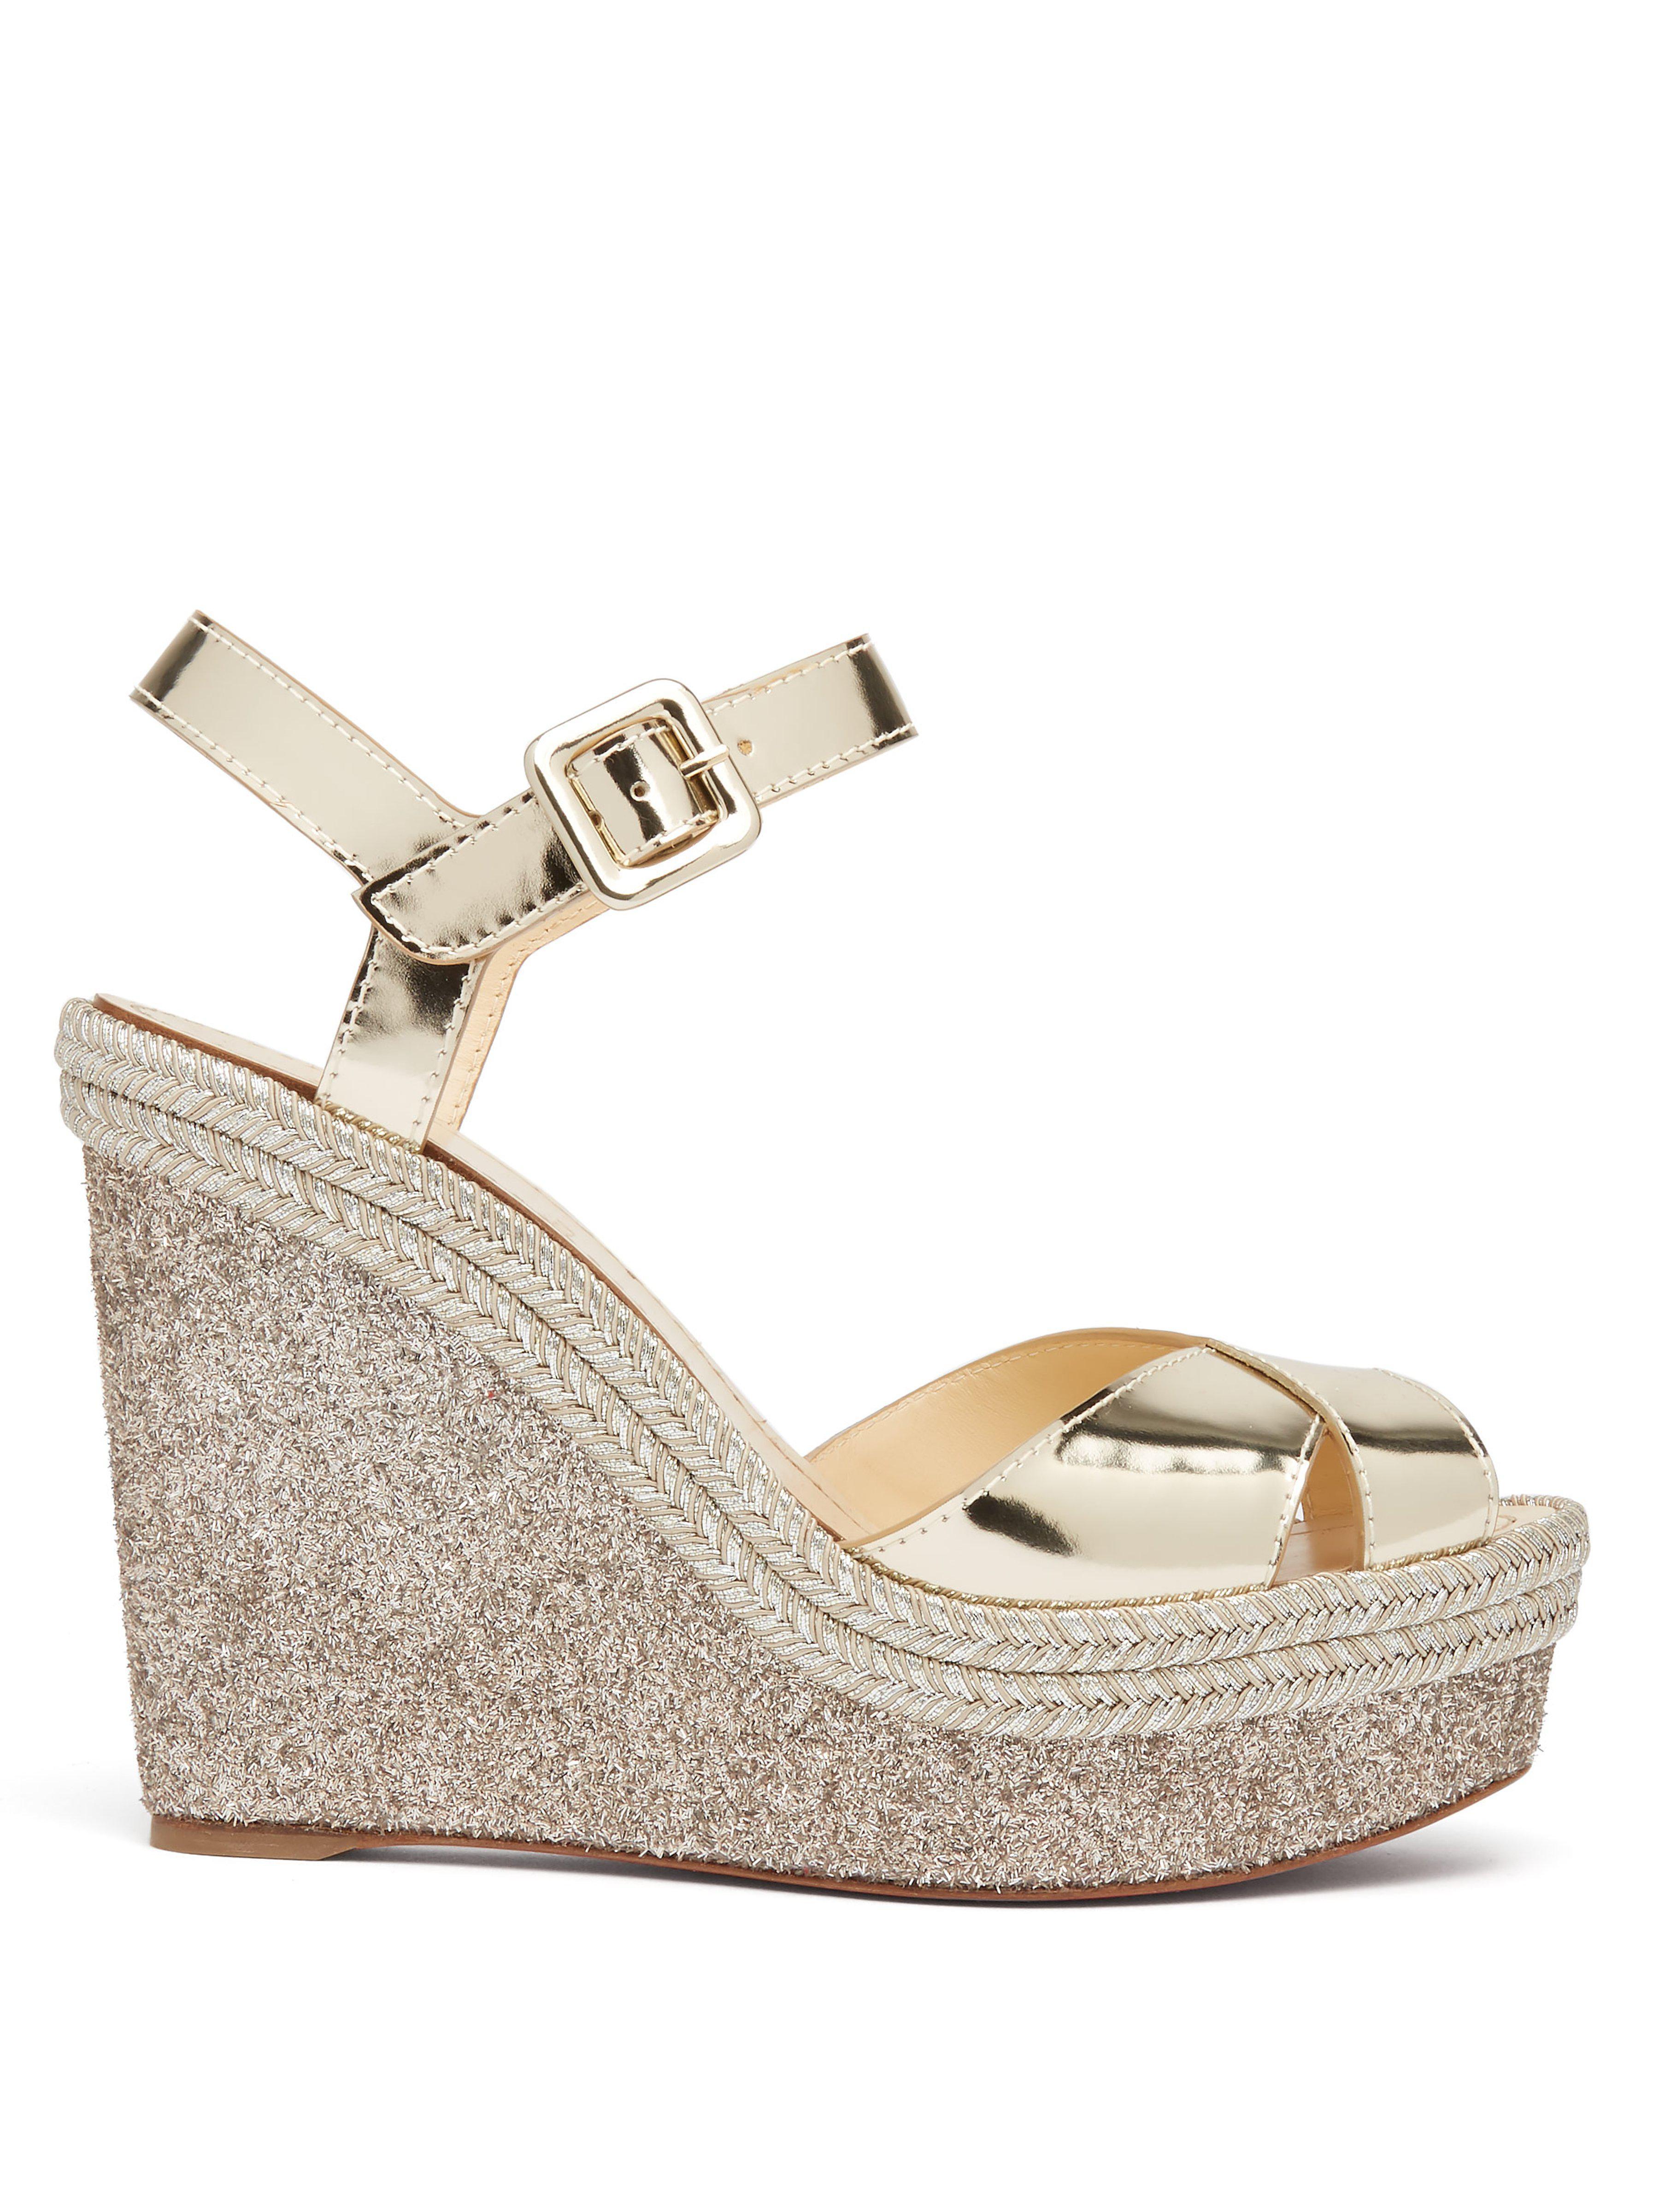 8514468175e Christian Louboutin. Women s Almeria Metallic Leather Espadrille Wedge  Sandals